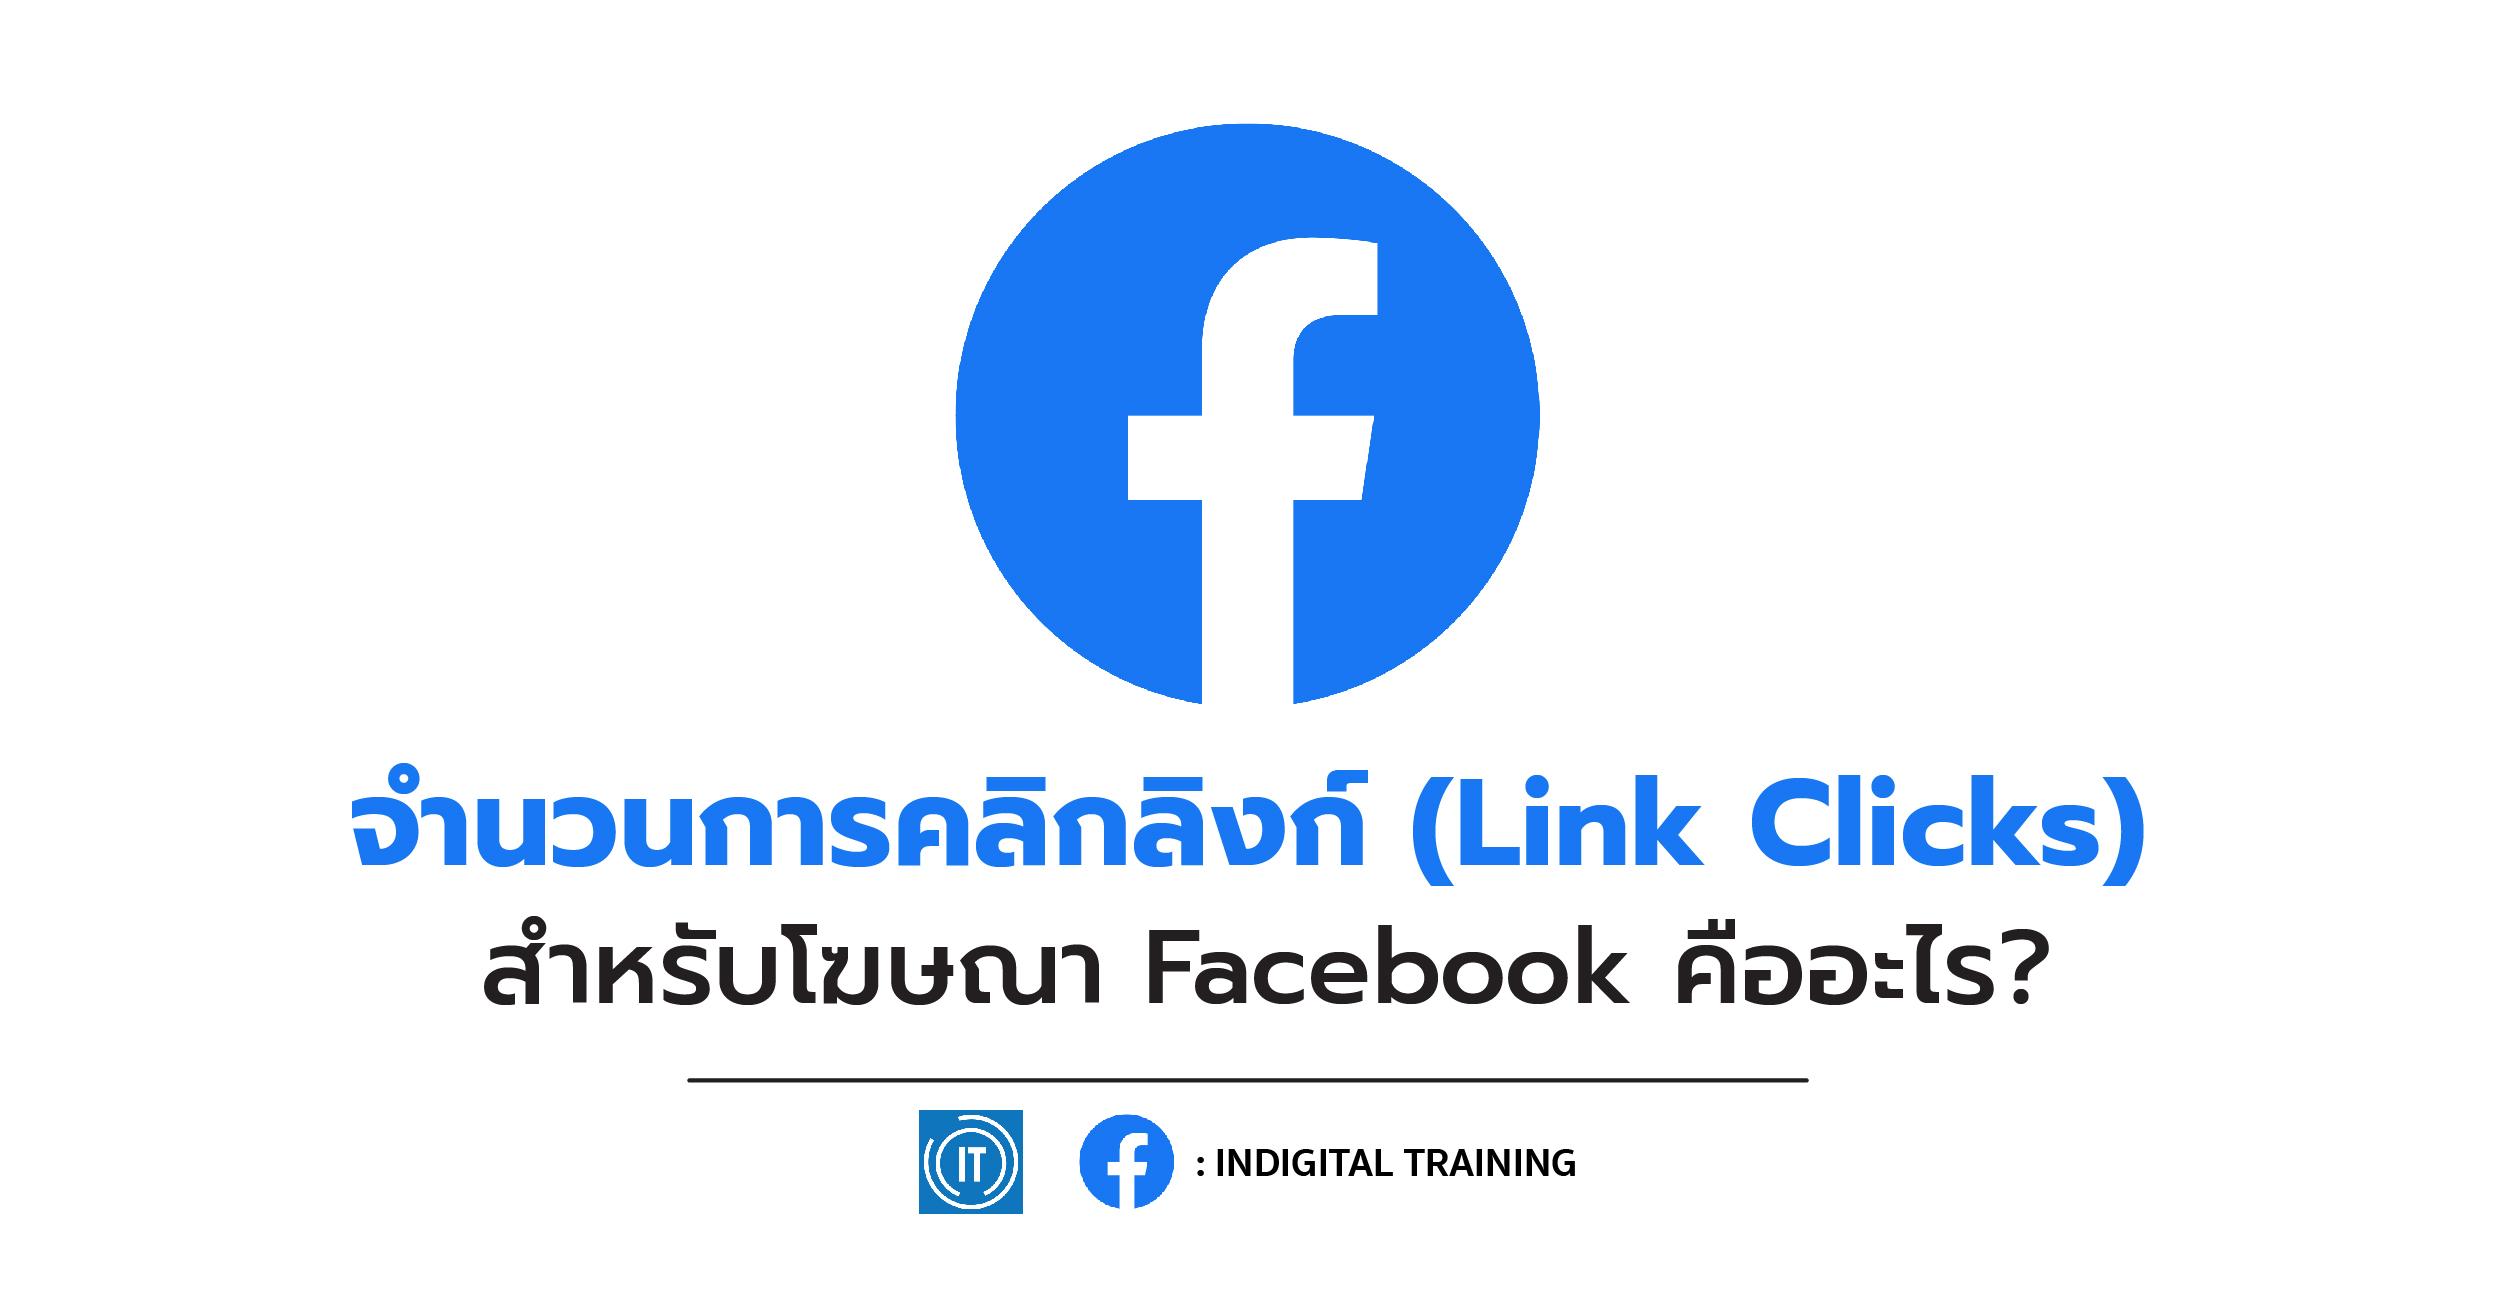 จำนวนการคลิกลิงก์ (Link Clicks) สำหรับโฆษณา Facebook คืออะไร?